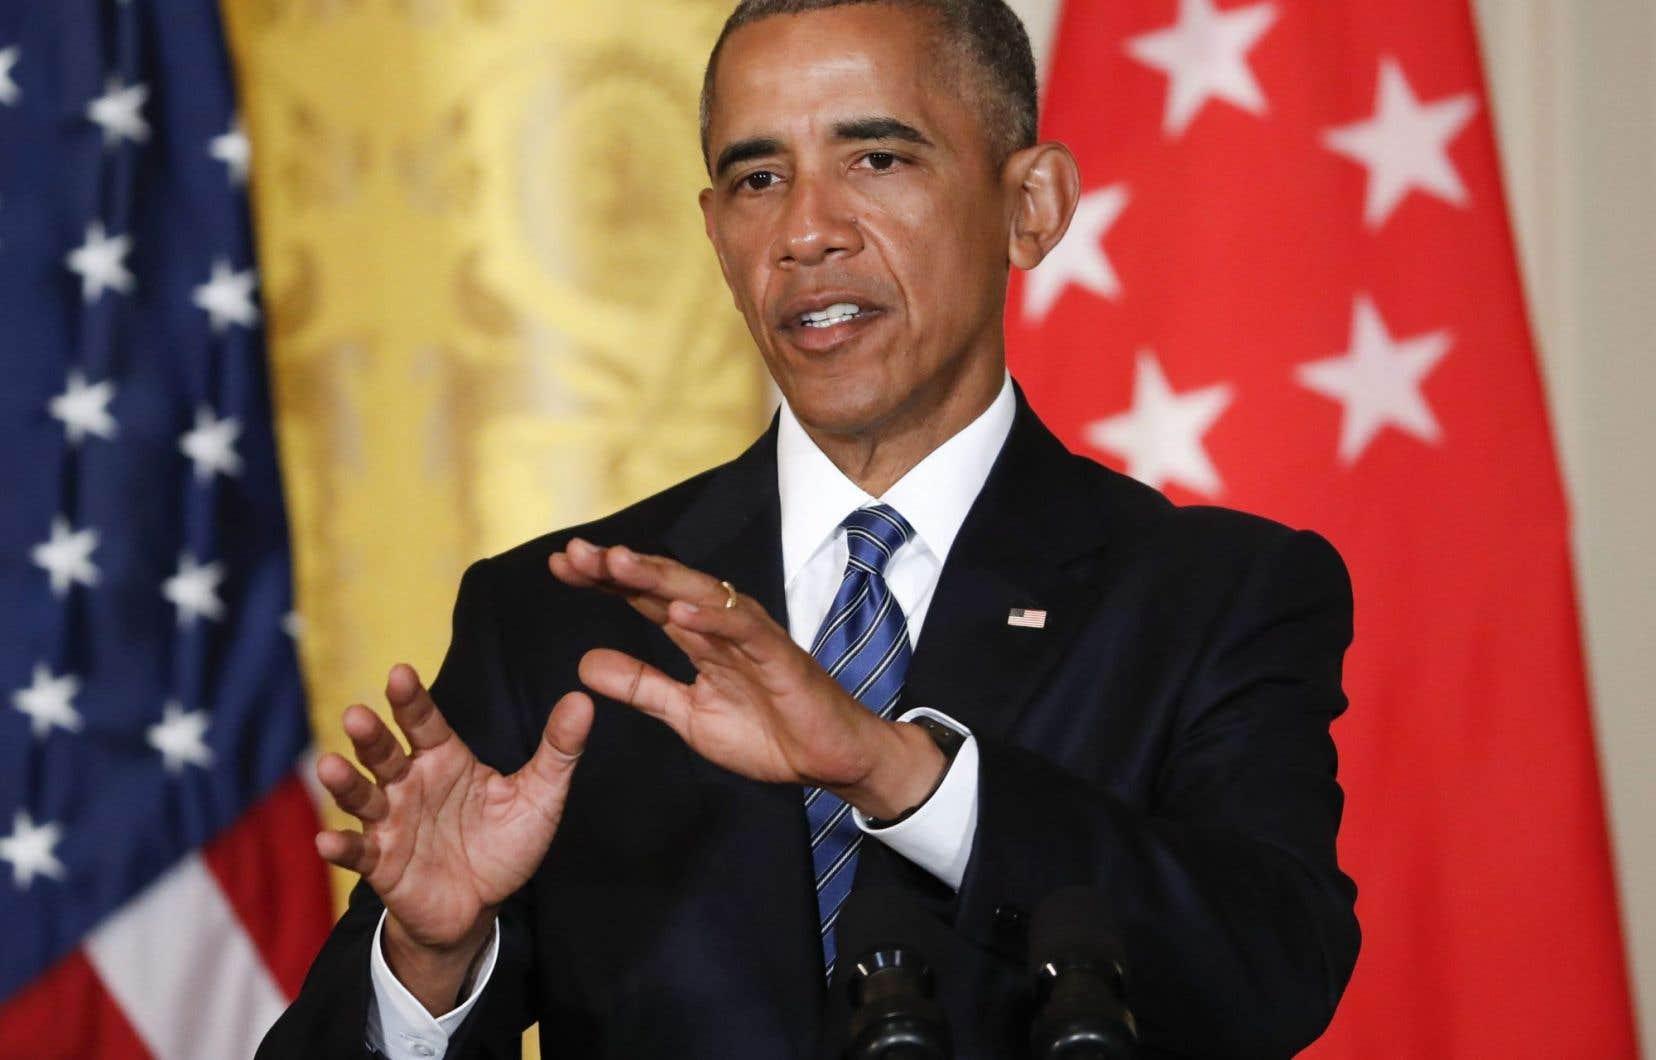 Lors d'une conférence de presse, mardi à Washington, le président américain a soutenu qu'il avait bon espoir de faire adopter le traité de libre-échange par le Congrès pendant les deux mois de « session interrégime » de fin d'année électorale.